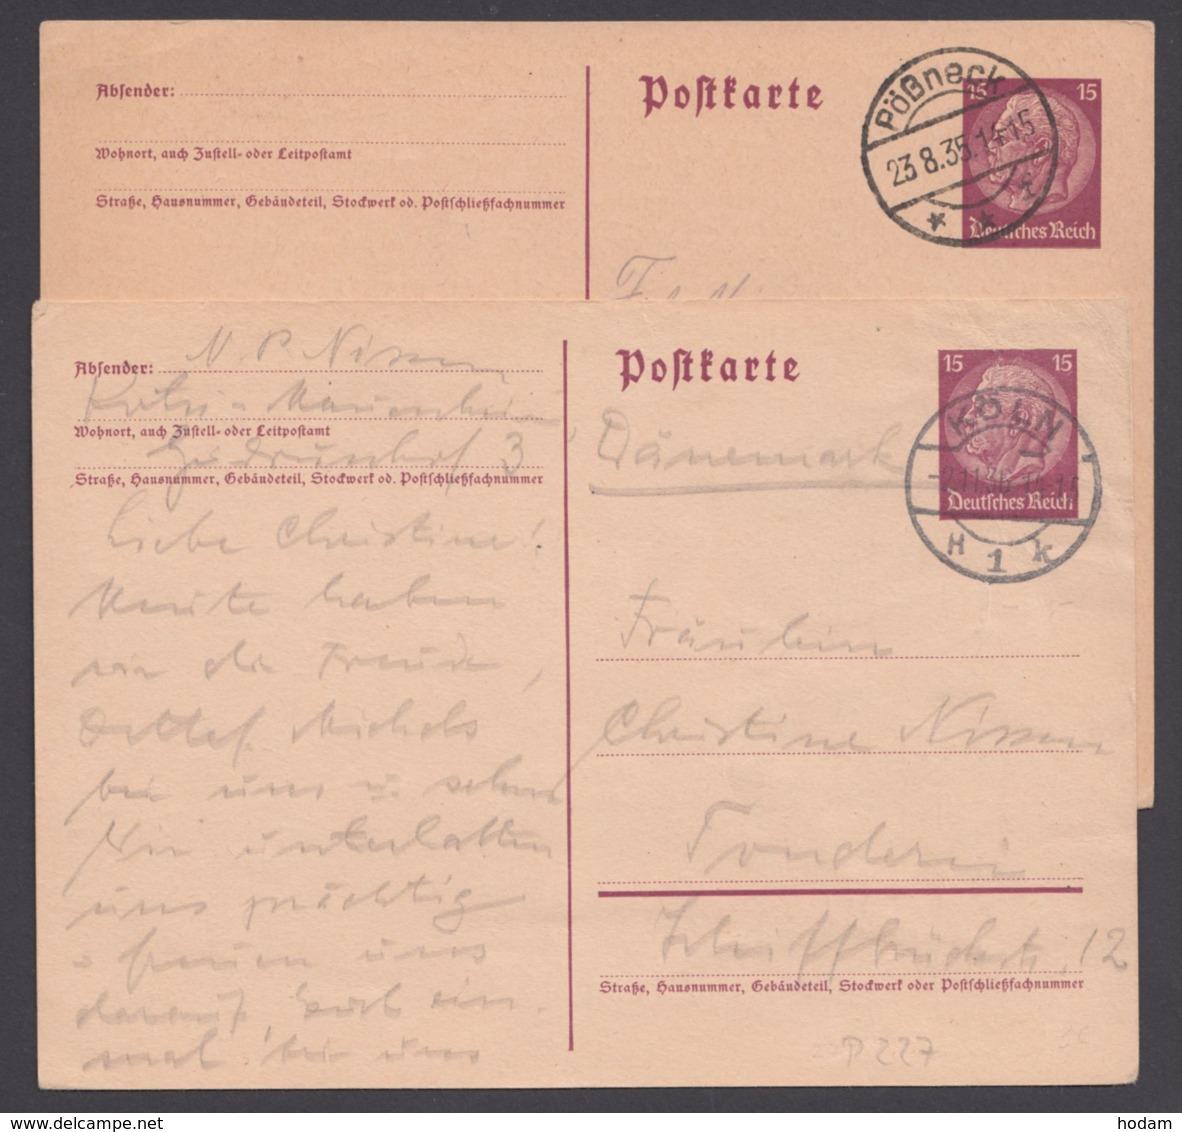 P 227 I, 2 Bedarfskarten Nach Schweden Und Dänemark - Deutschland